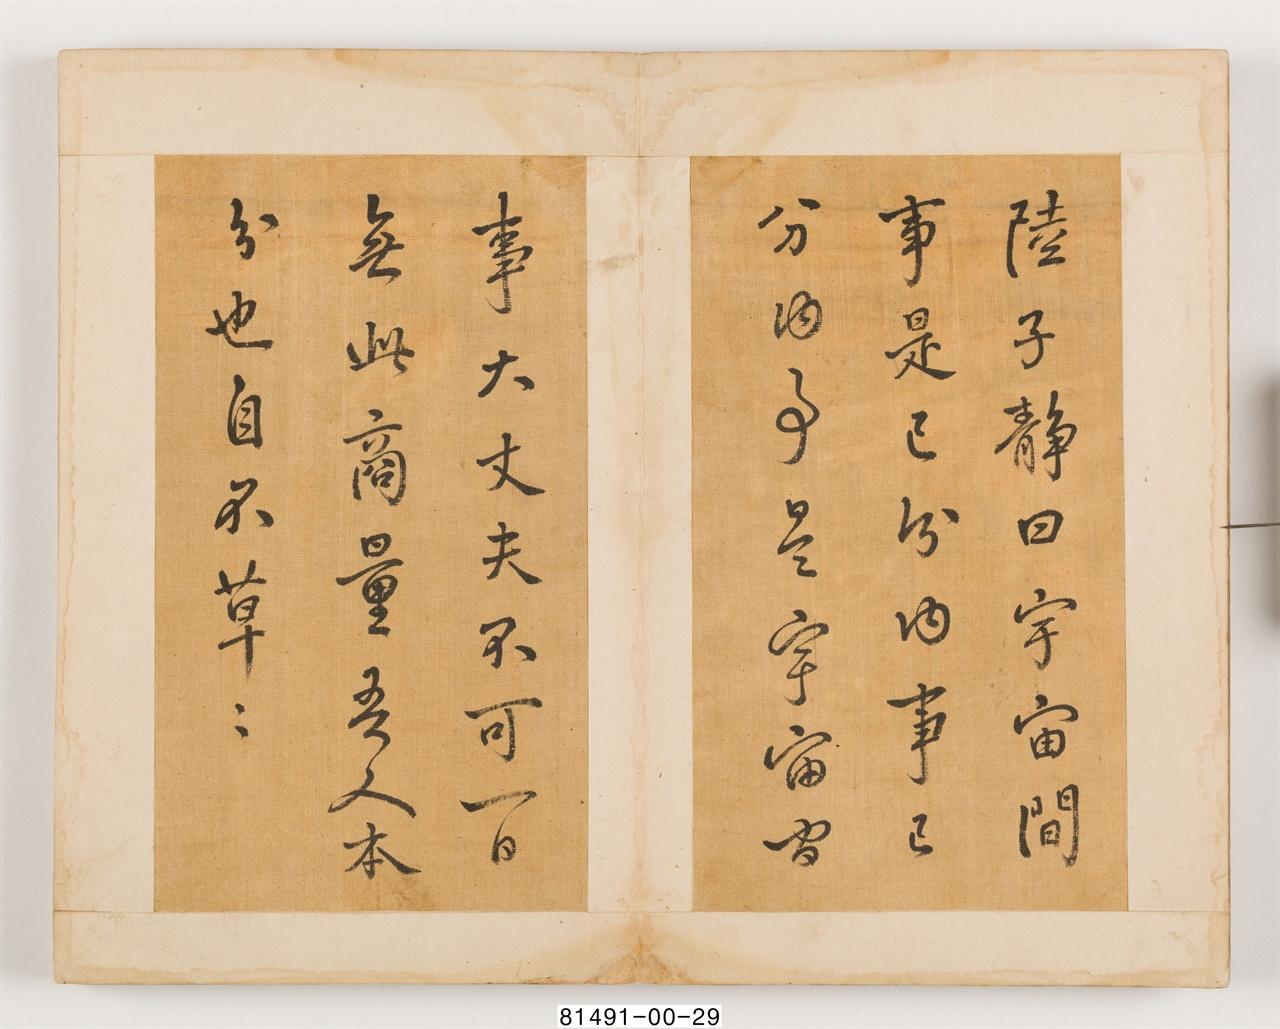 하피첩. 정약용(丁若鏞, 1762~1836)이 두 아들 학연(學淵, 1783~1859)과 학유(學遊, 1786~1855)에게 전하고픈 당부의 말을 적은 서첩이다.(사진출처 국립민속박물관)